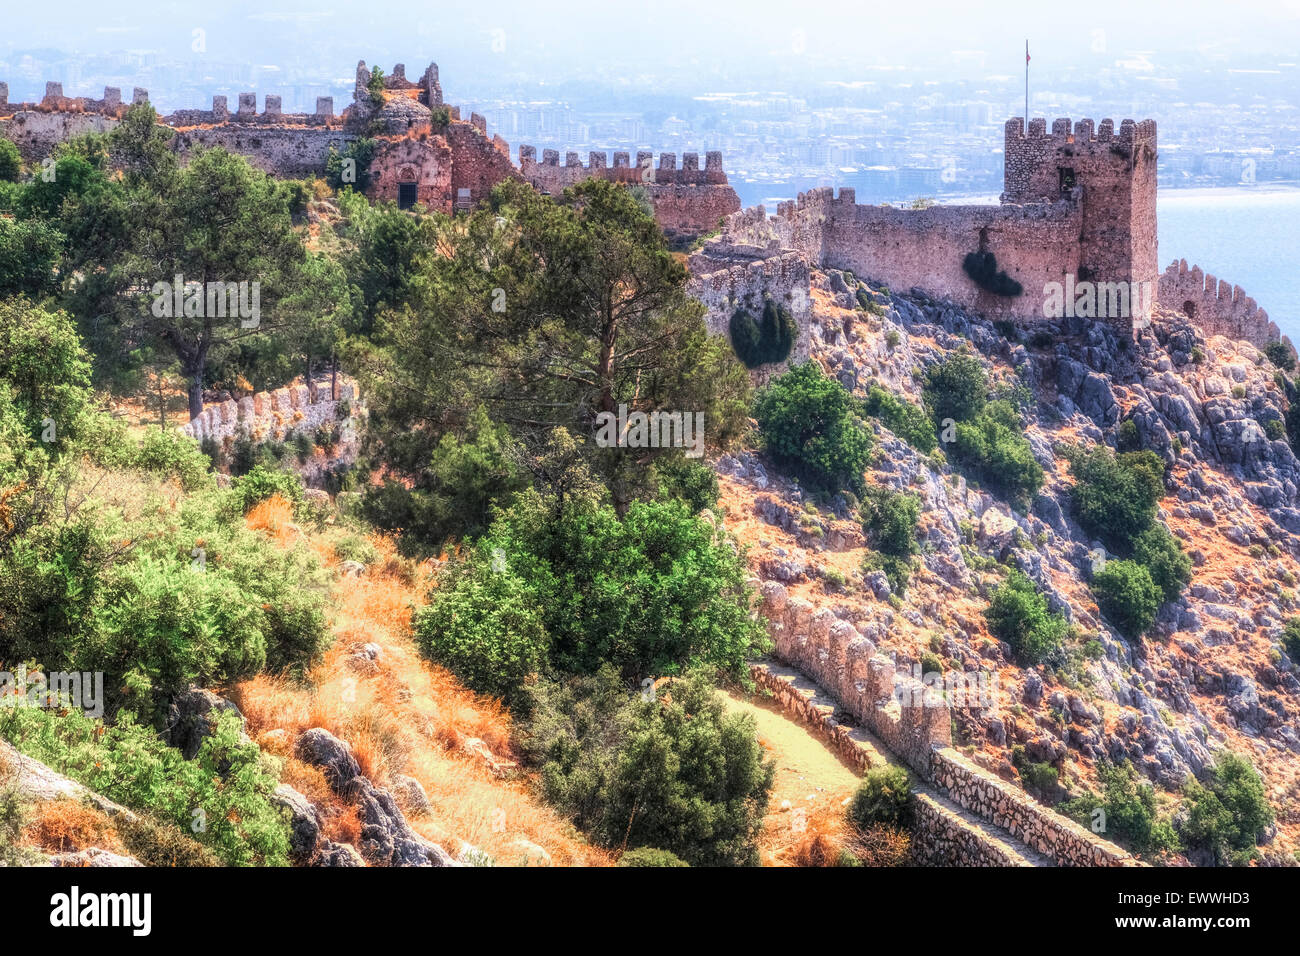 Alanya, Antalya, Anatlia, Turkey - Stock Image